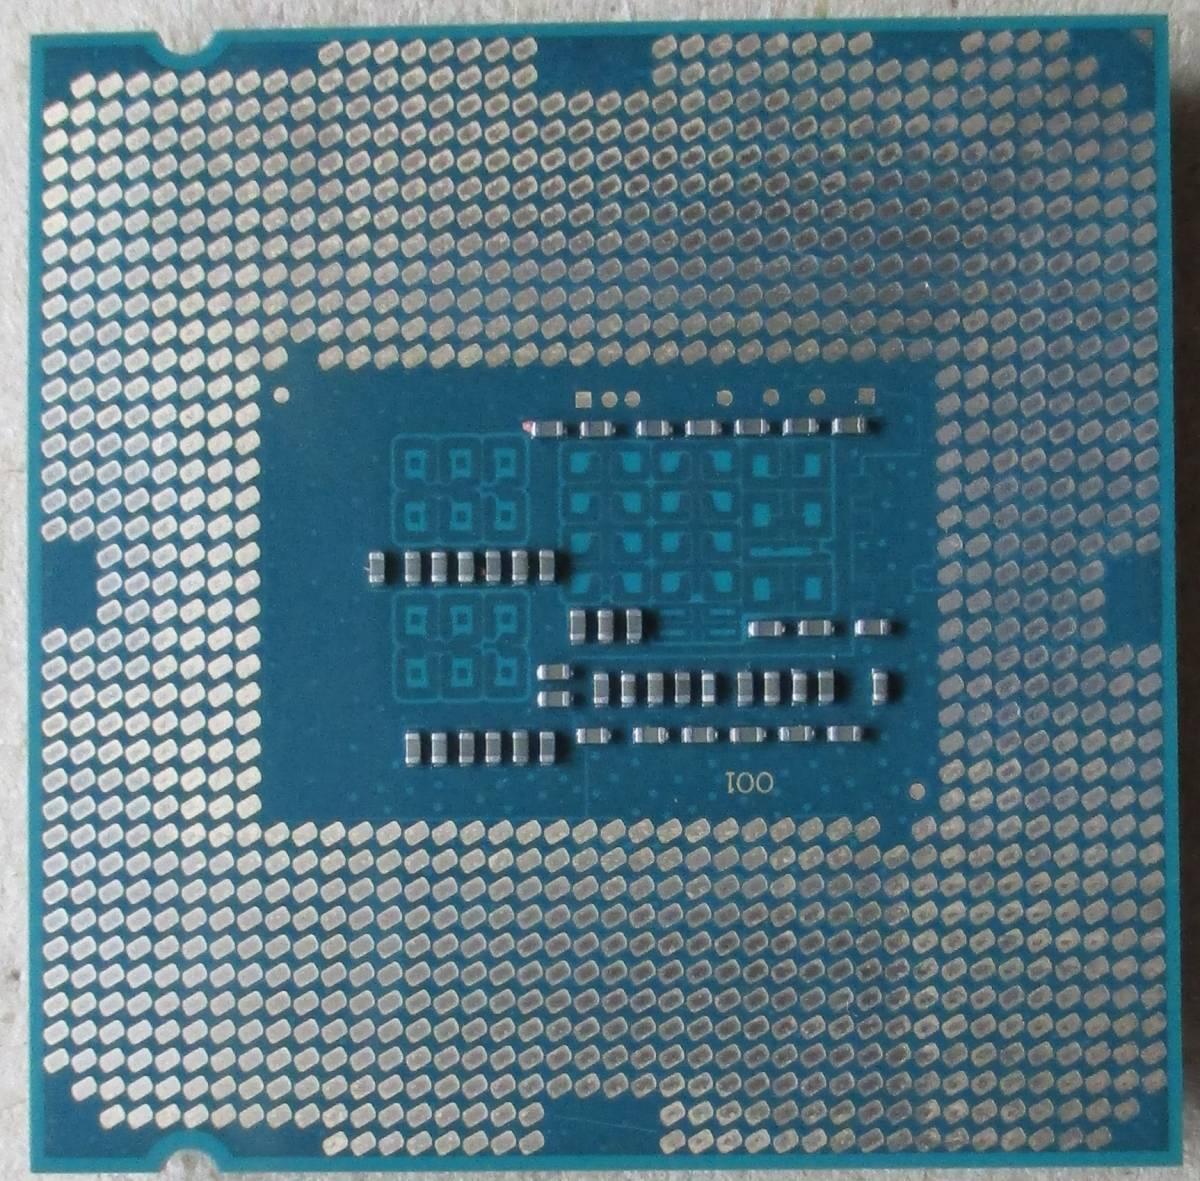 MSI Mini-ITXマザボード[H81I]+INTEL Celeron G1840 2.8GHz (LGA1150) 簡易動作確認済み中古品_画像4